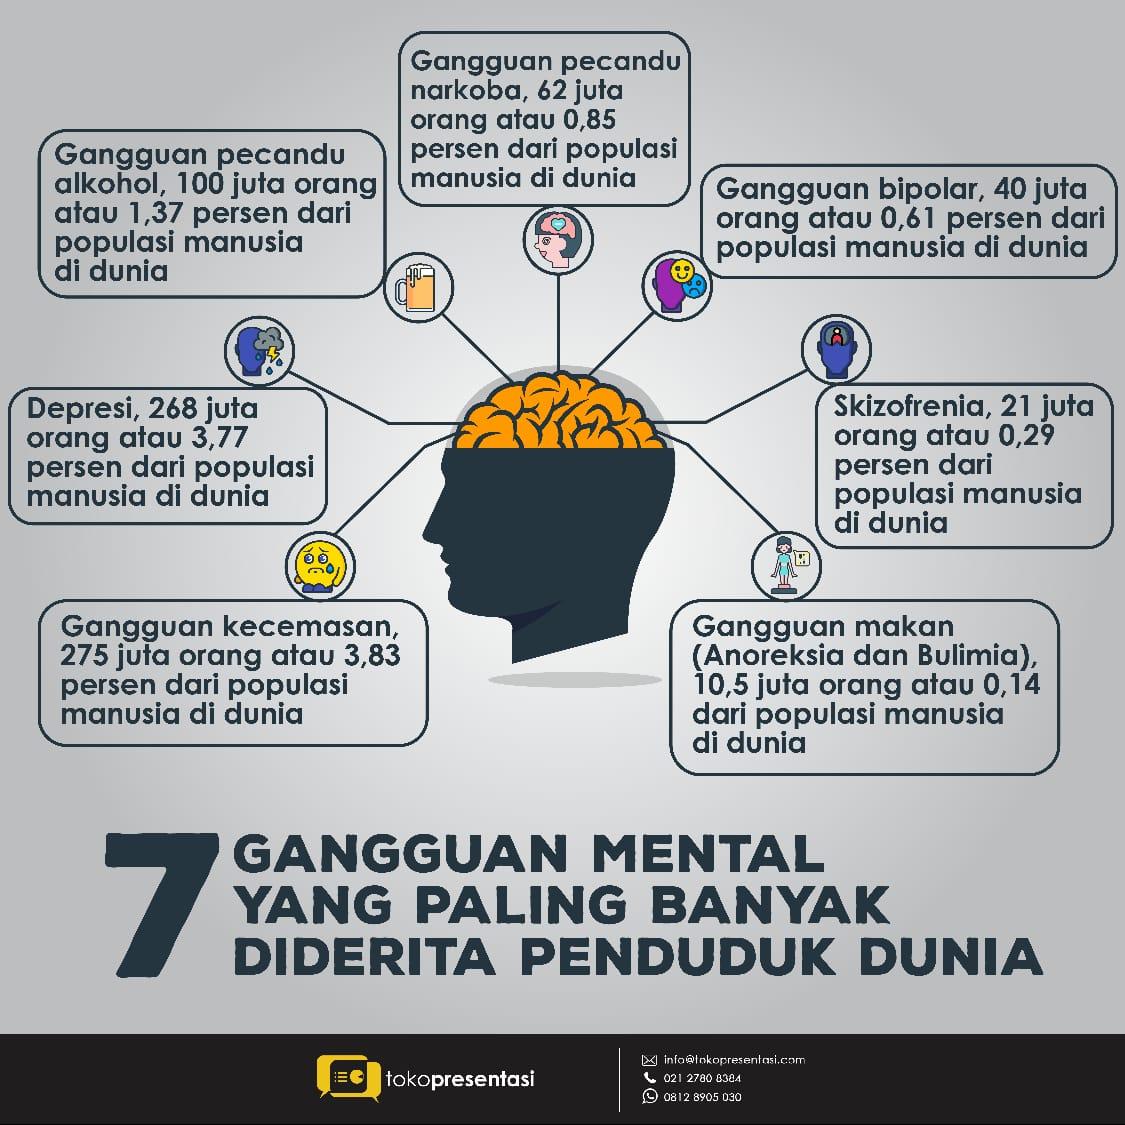 infografis gangguan mental